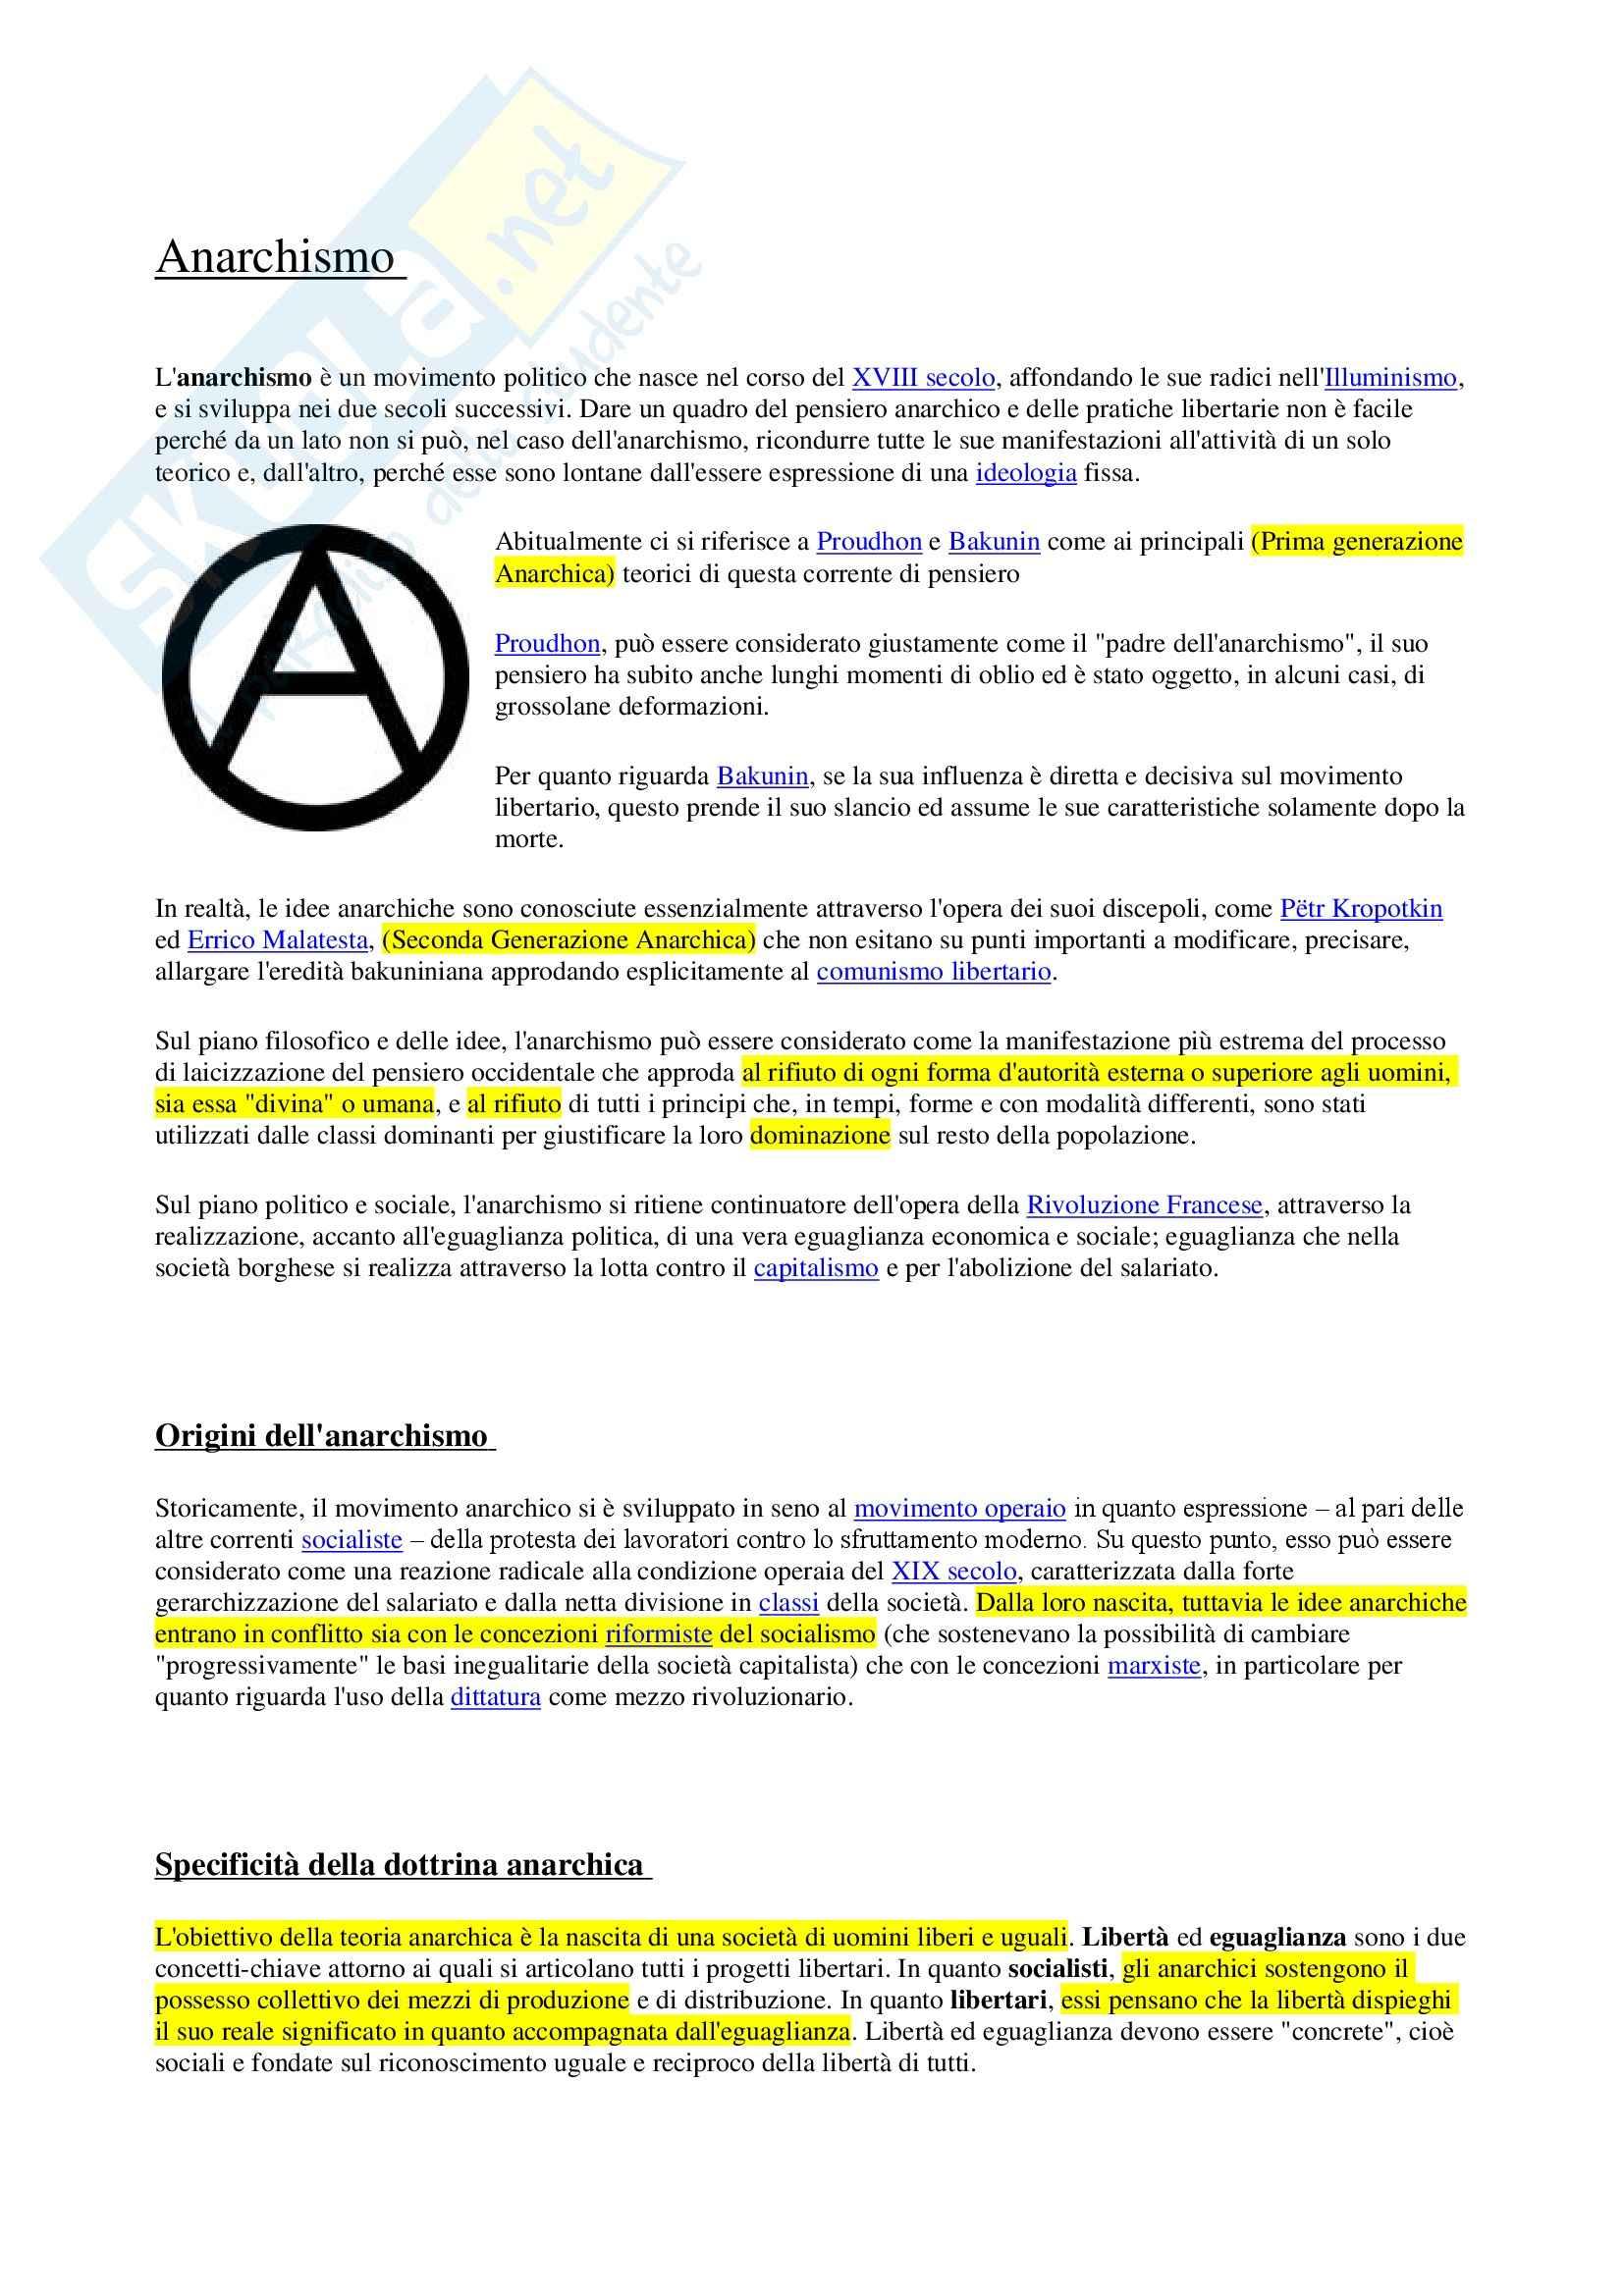 Storia del pensiero politico contemporaneo - anarchismo